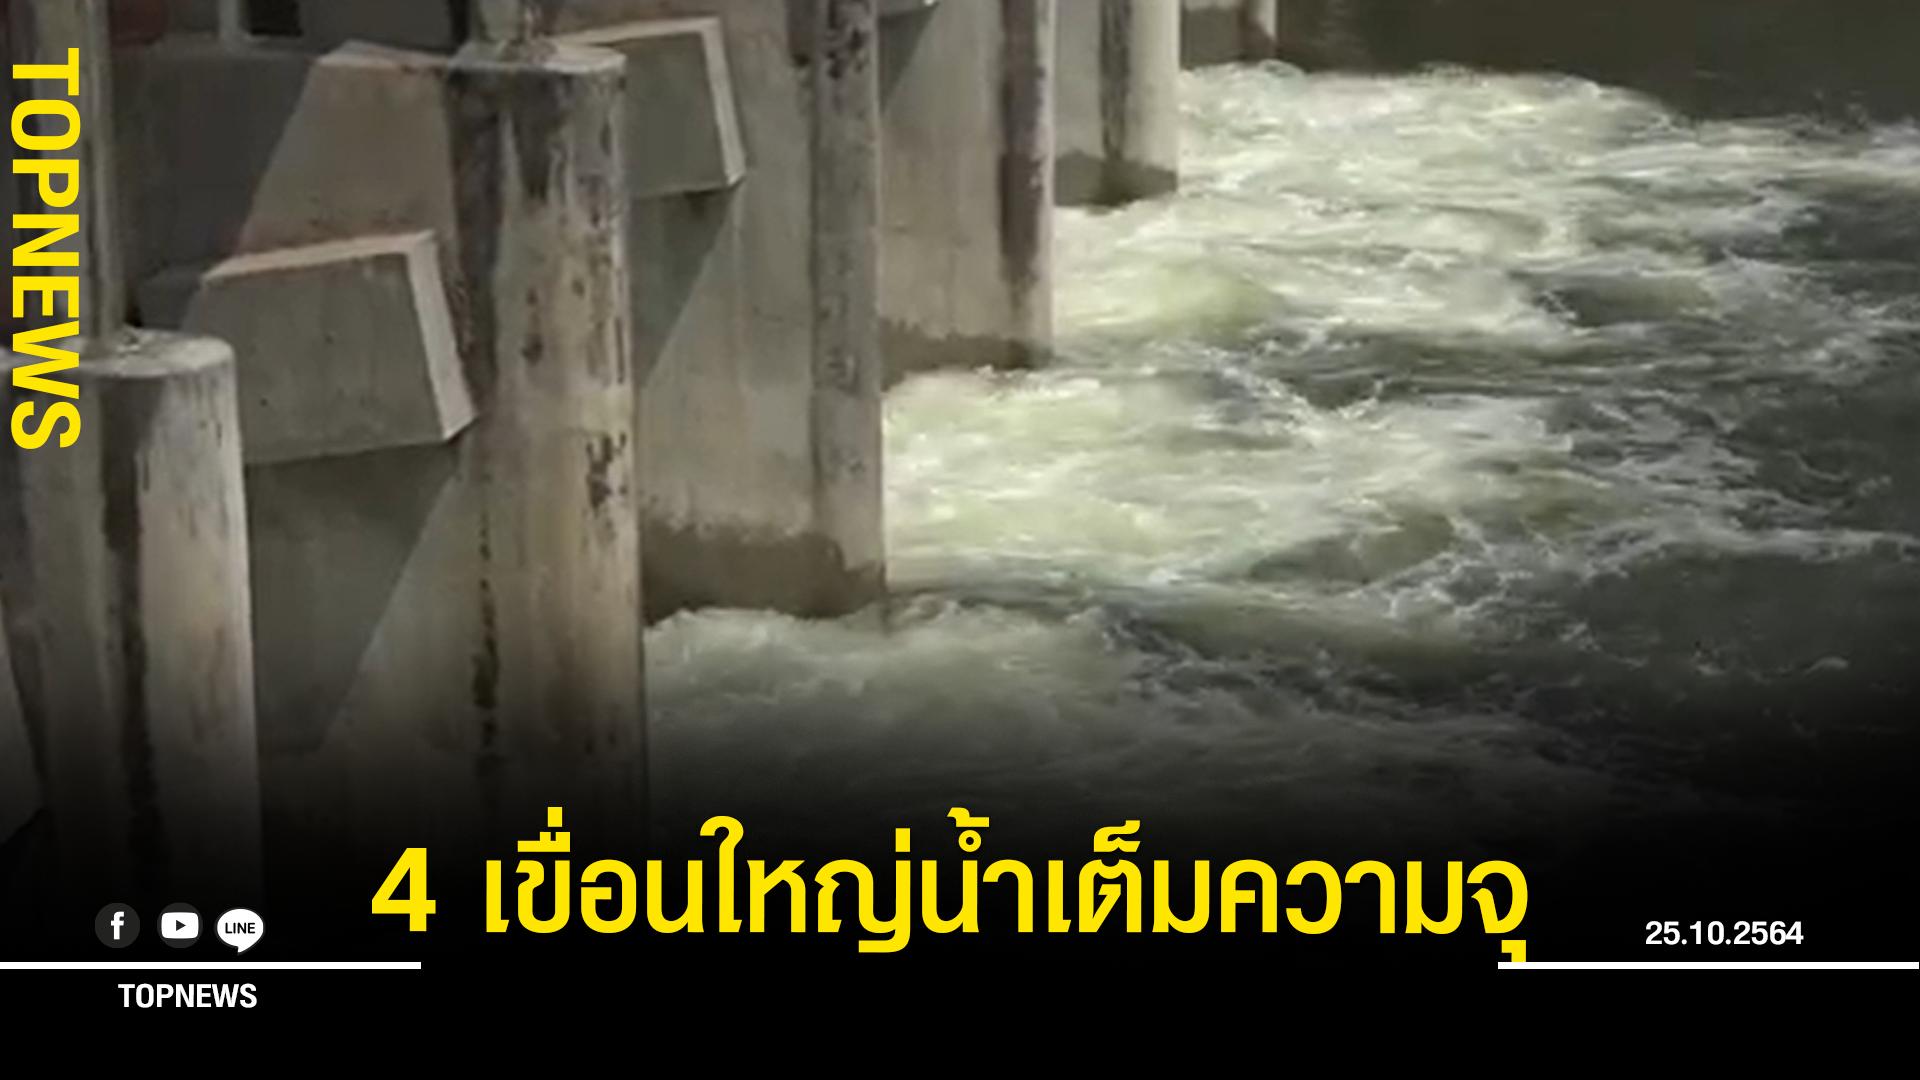 """""""นครราชสีมา"""" 4 เขื่อนใหญ่น้ำเต็มความจุ เร่งระบายน้ำเตรียมรับฝนตกหนักสัปดาห์นี้"""